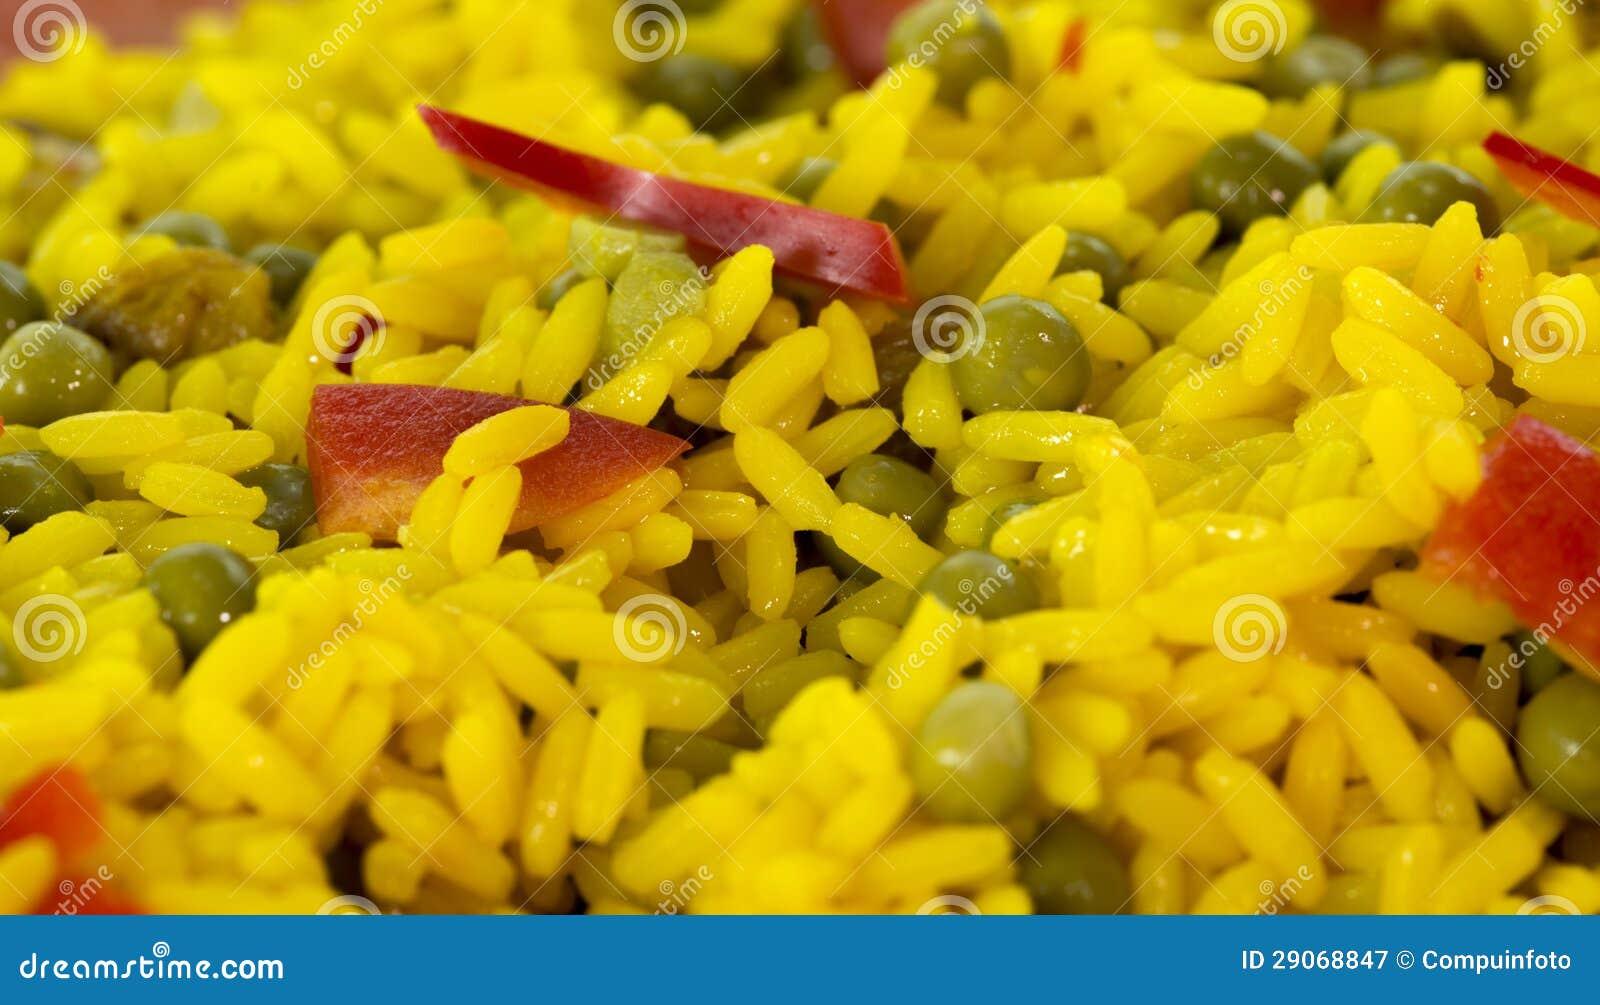 Fein Gelber Reis Färbung Fotos - Malvorlagen Ideen - blogsbr.info